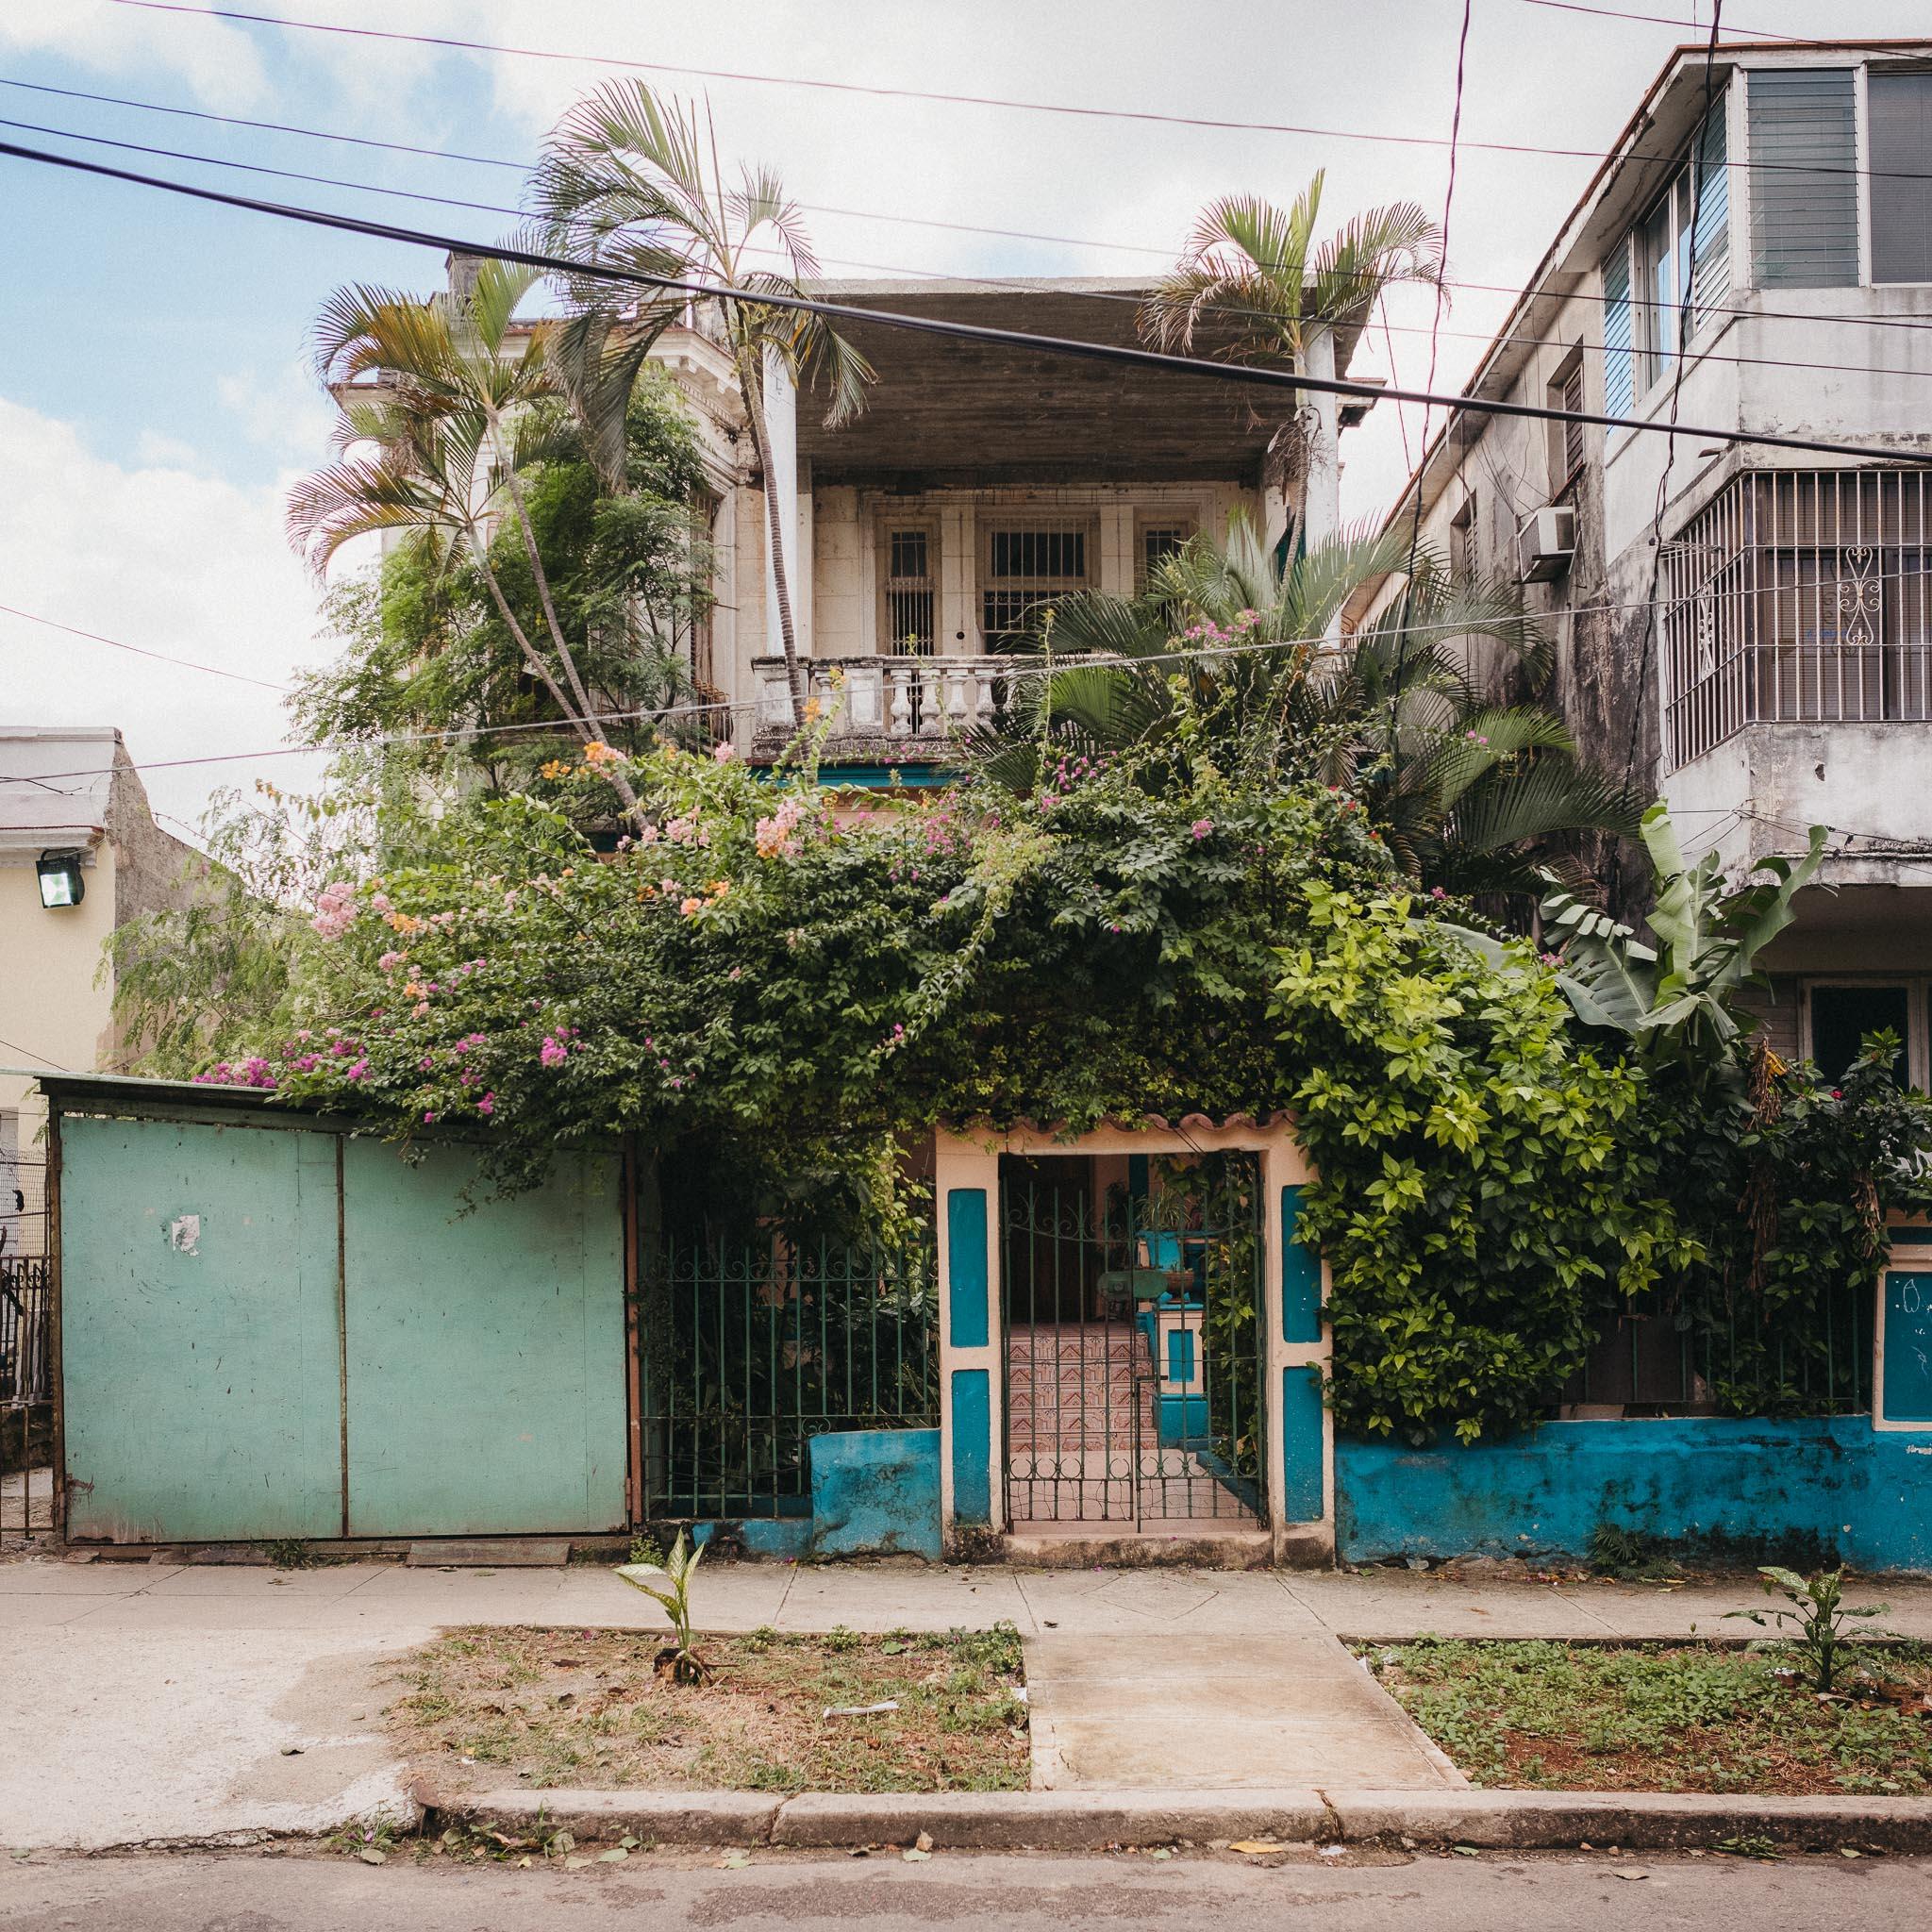 Cuba-2017-12-Havana-0190.jpg